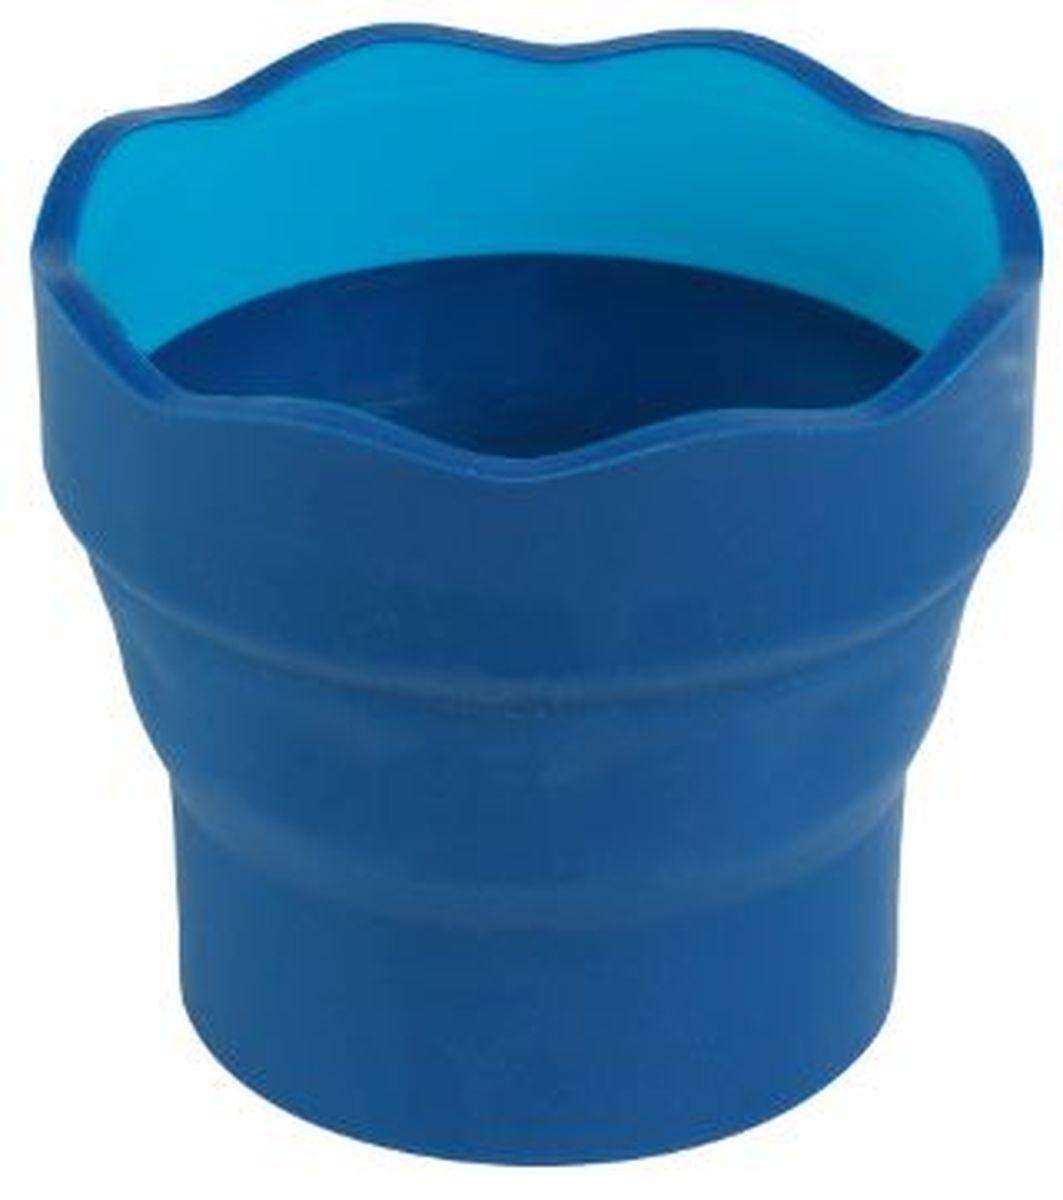 Faber-Castell Стакан для воды Clic & Go складной цвет синий #1